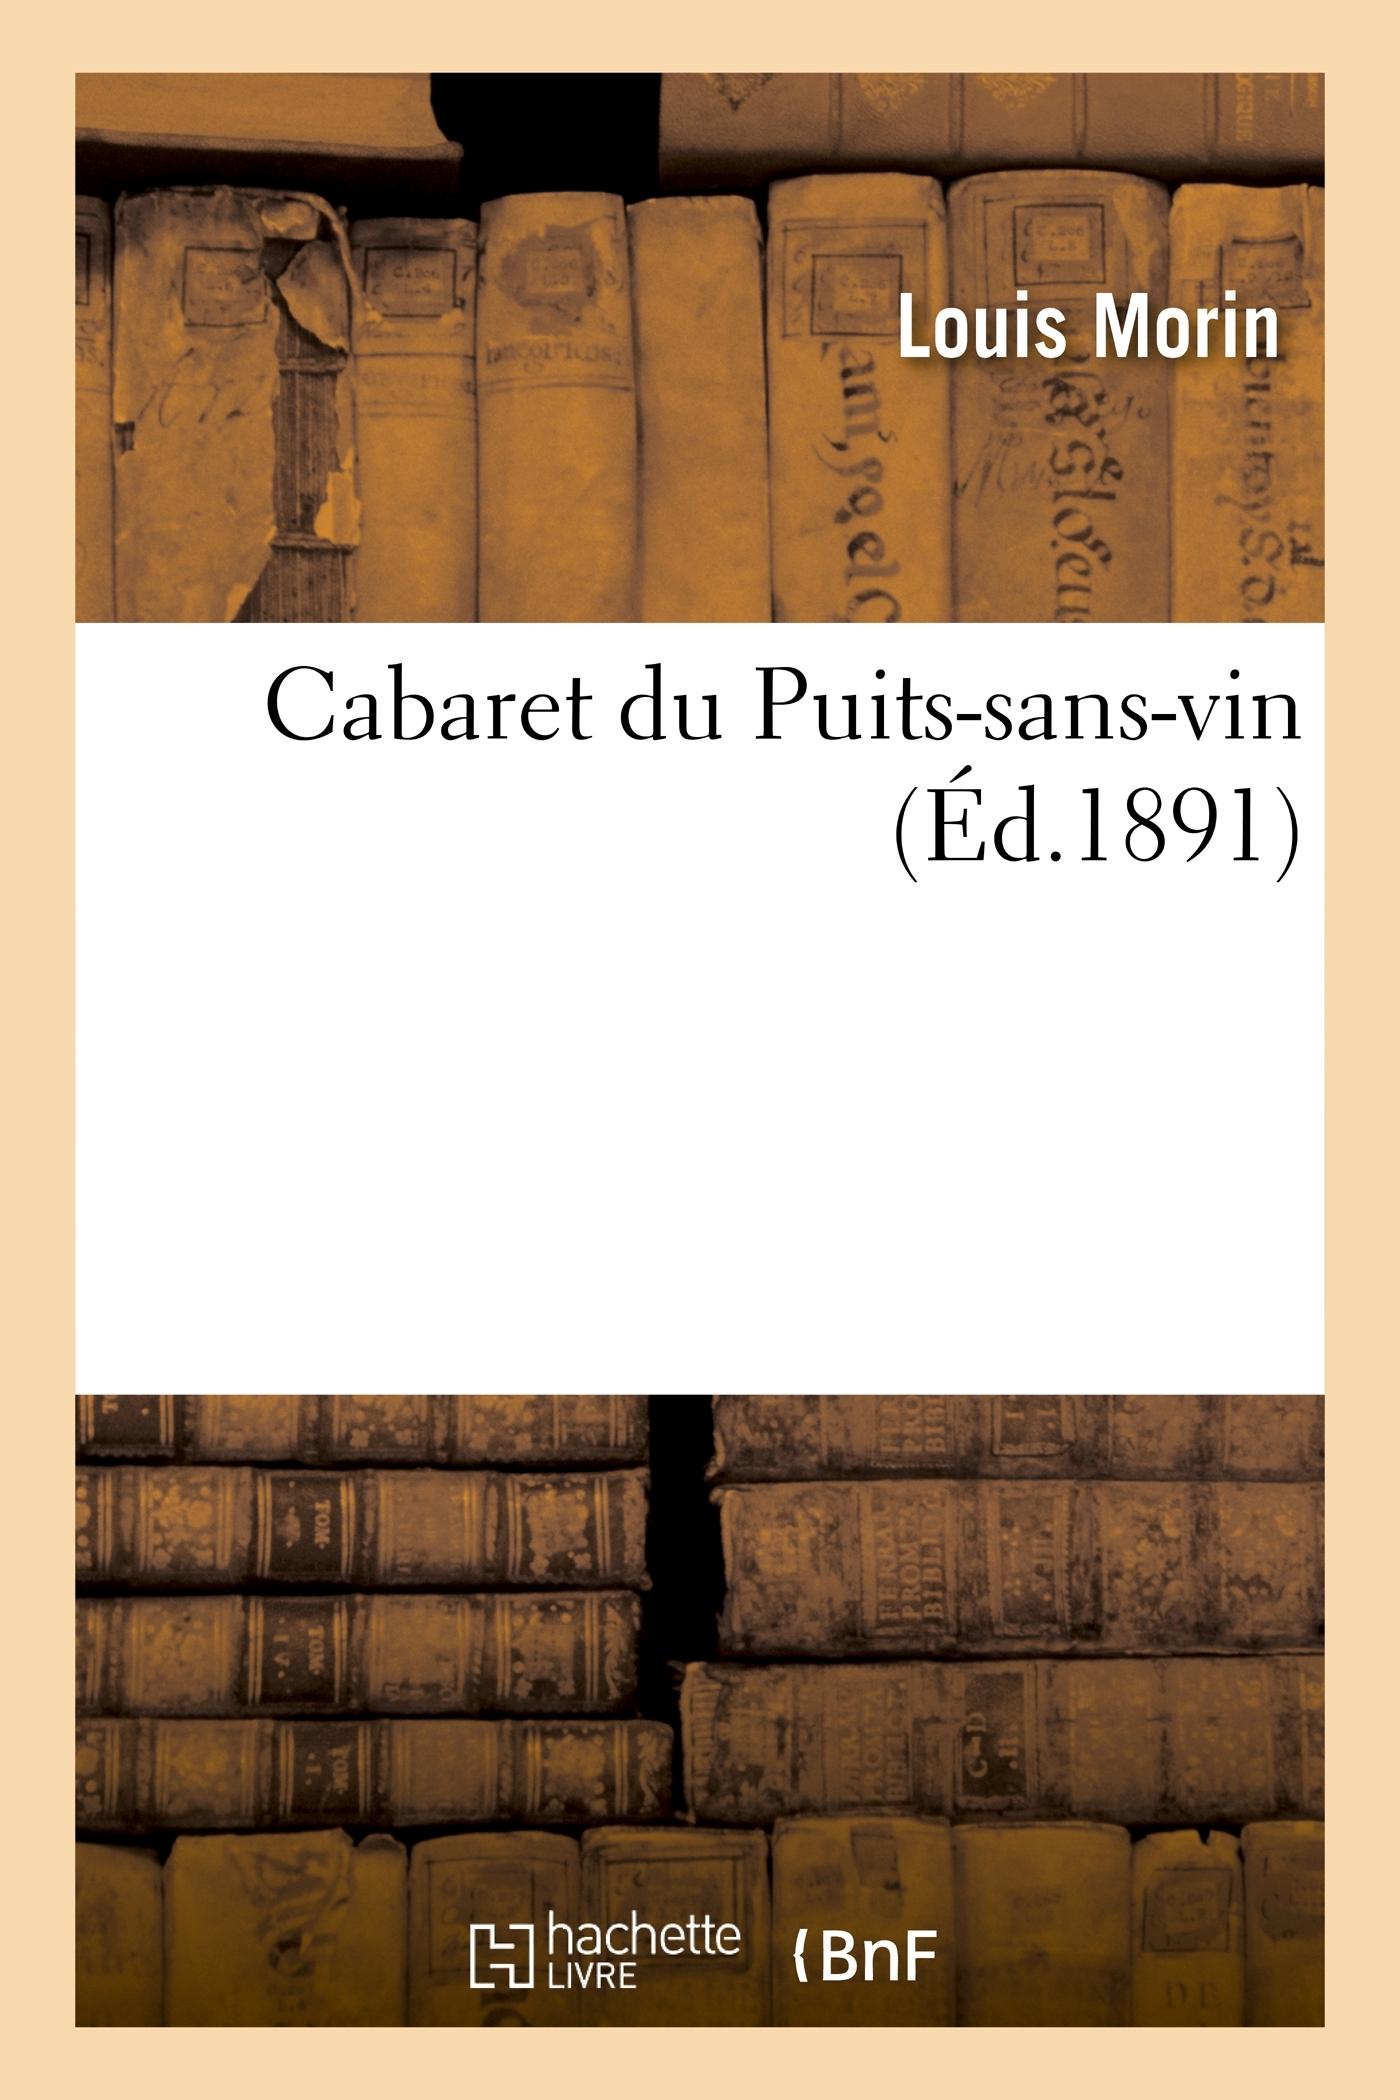 CABARET DU PUITS-SANS-VIN